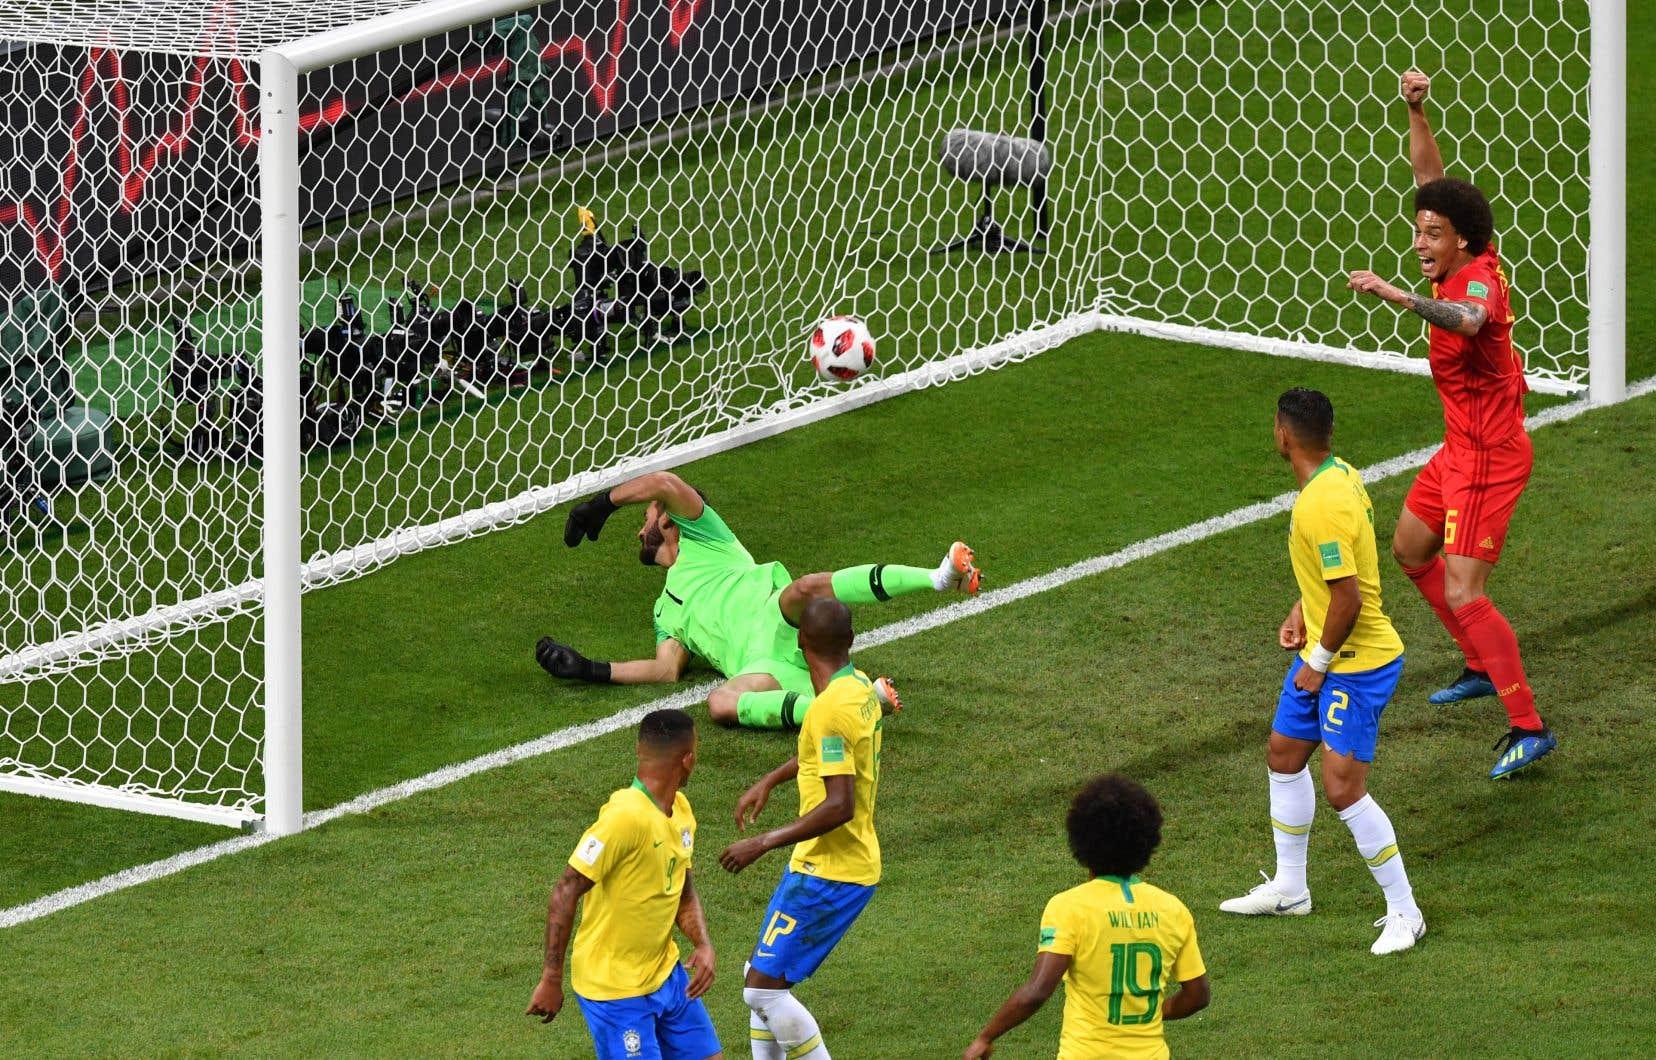 Un coup de pied de coin belge a été redirigé par le défenseur brésilien Fernandinho dans son propre but.